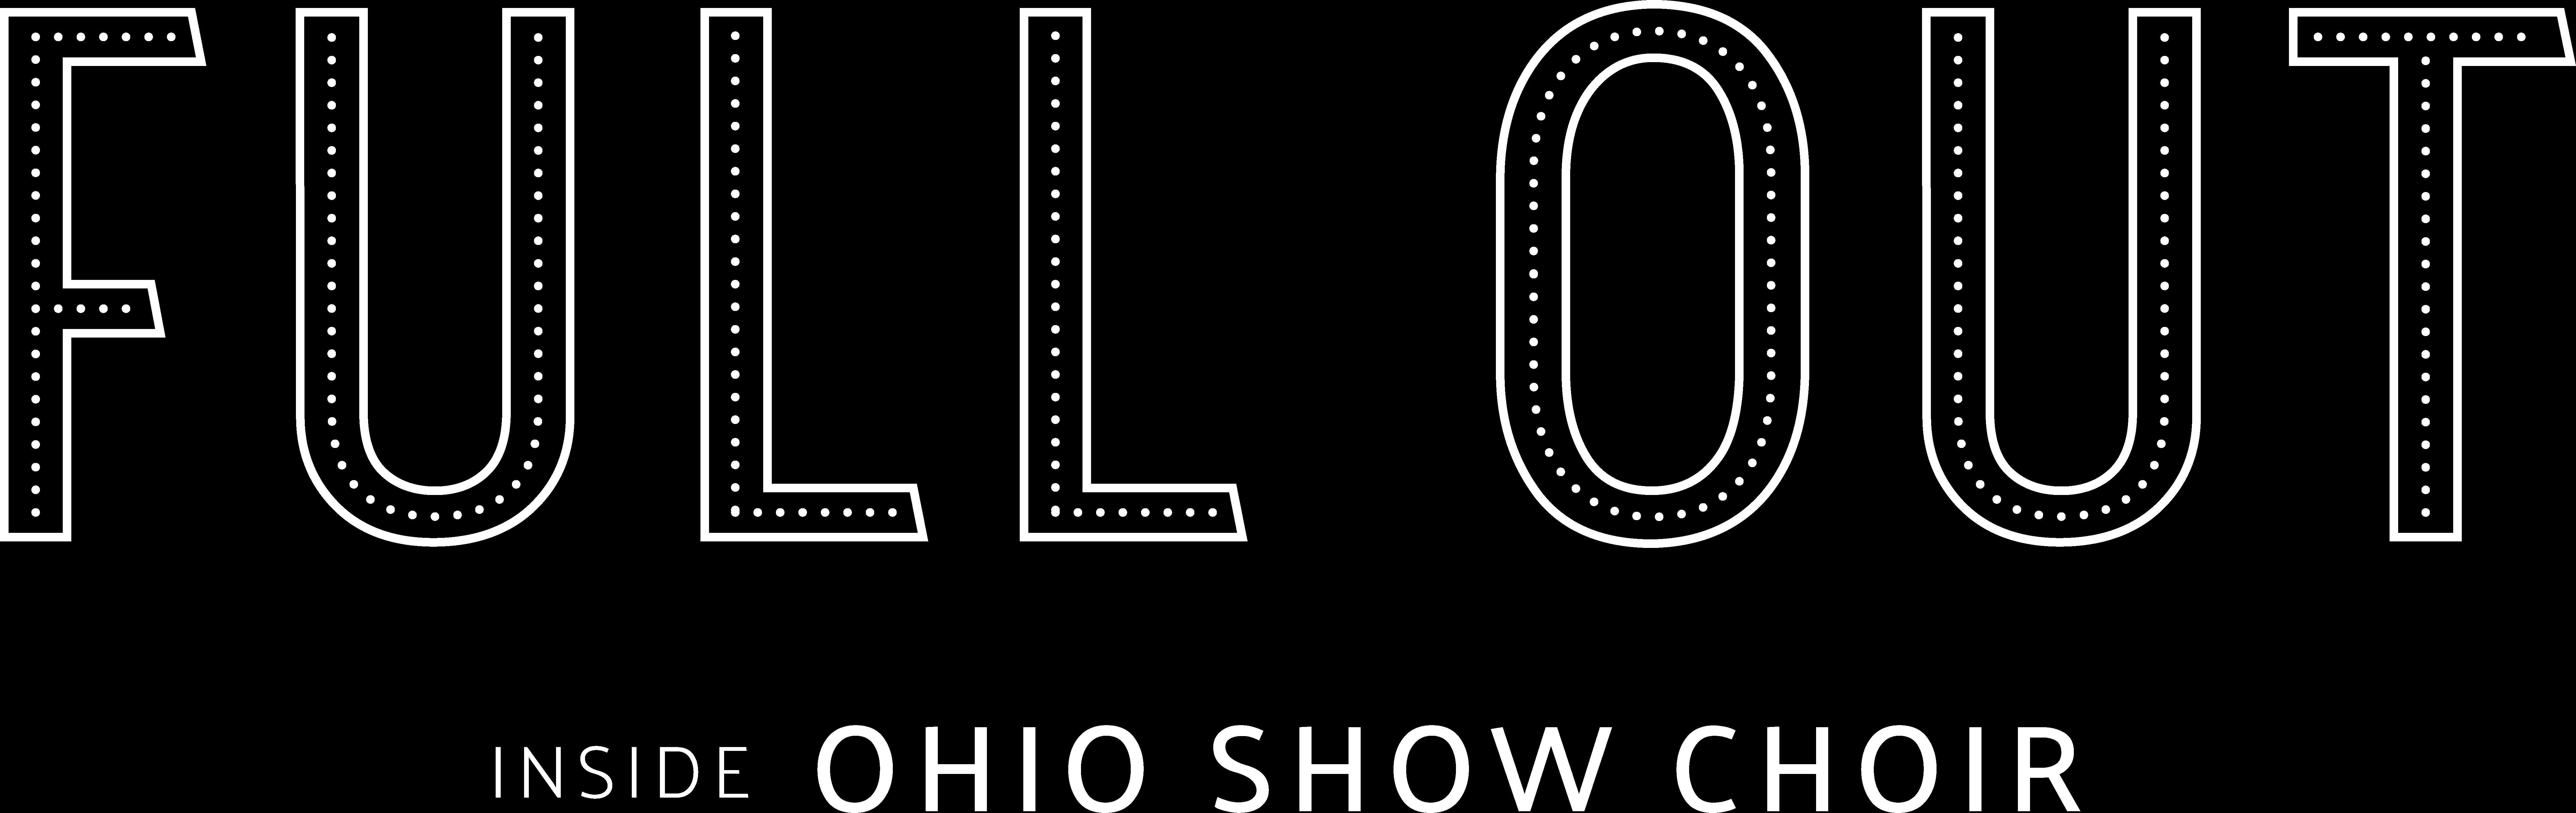 Full Out logo